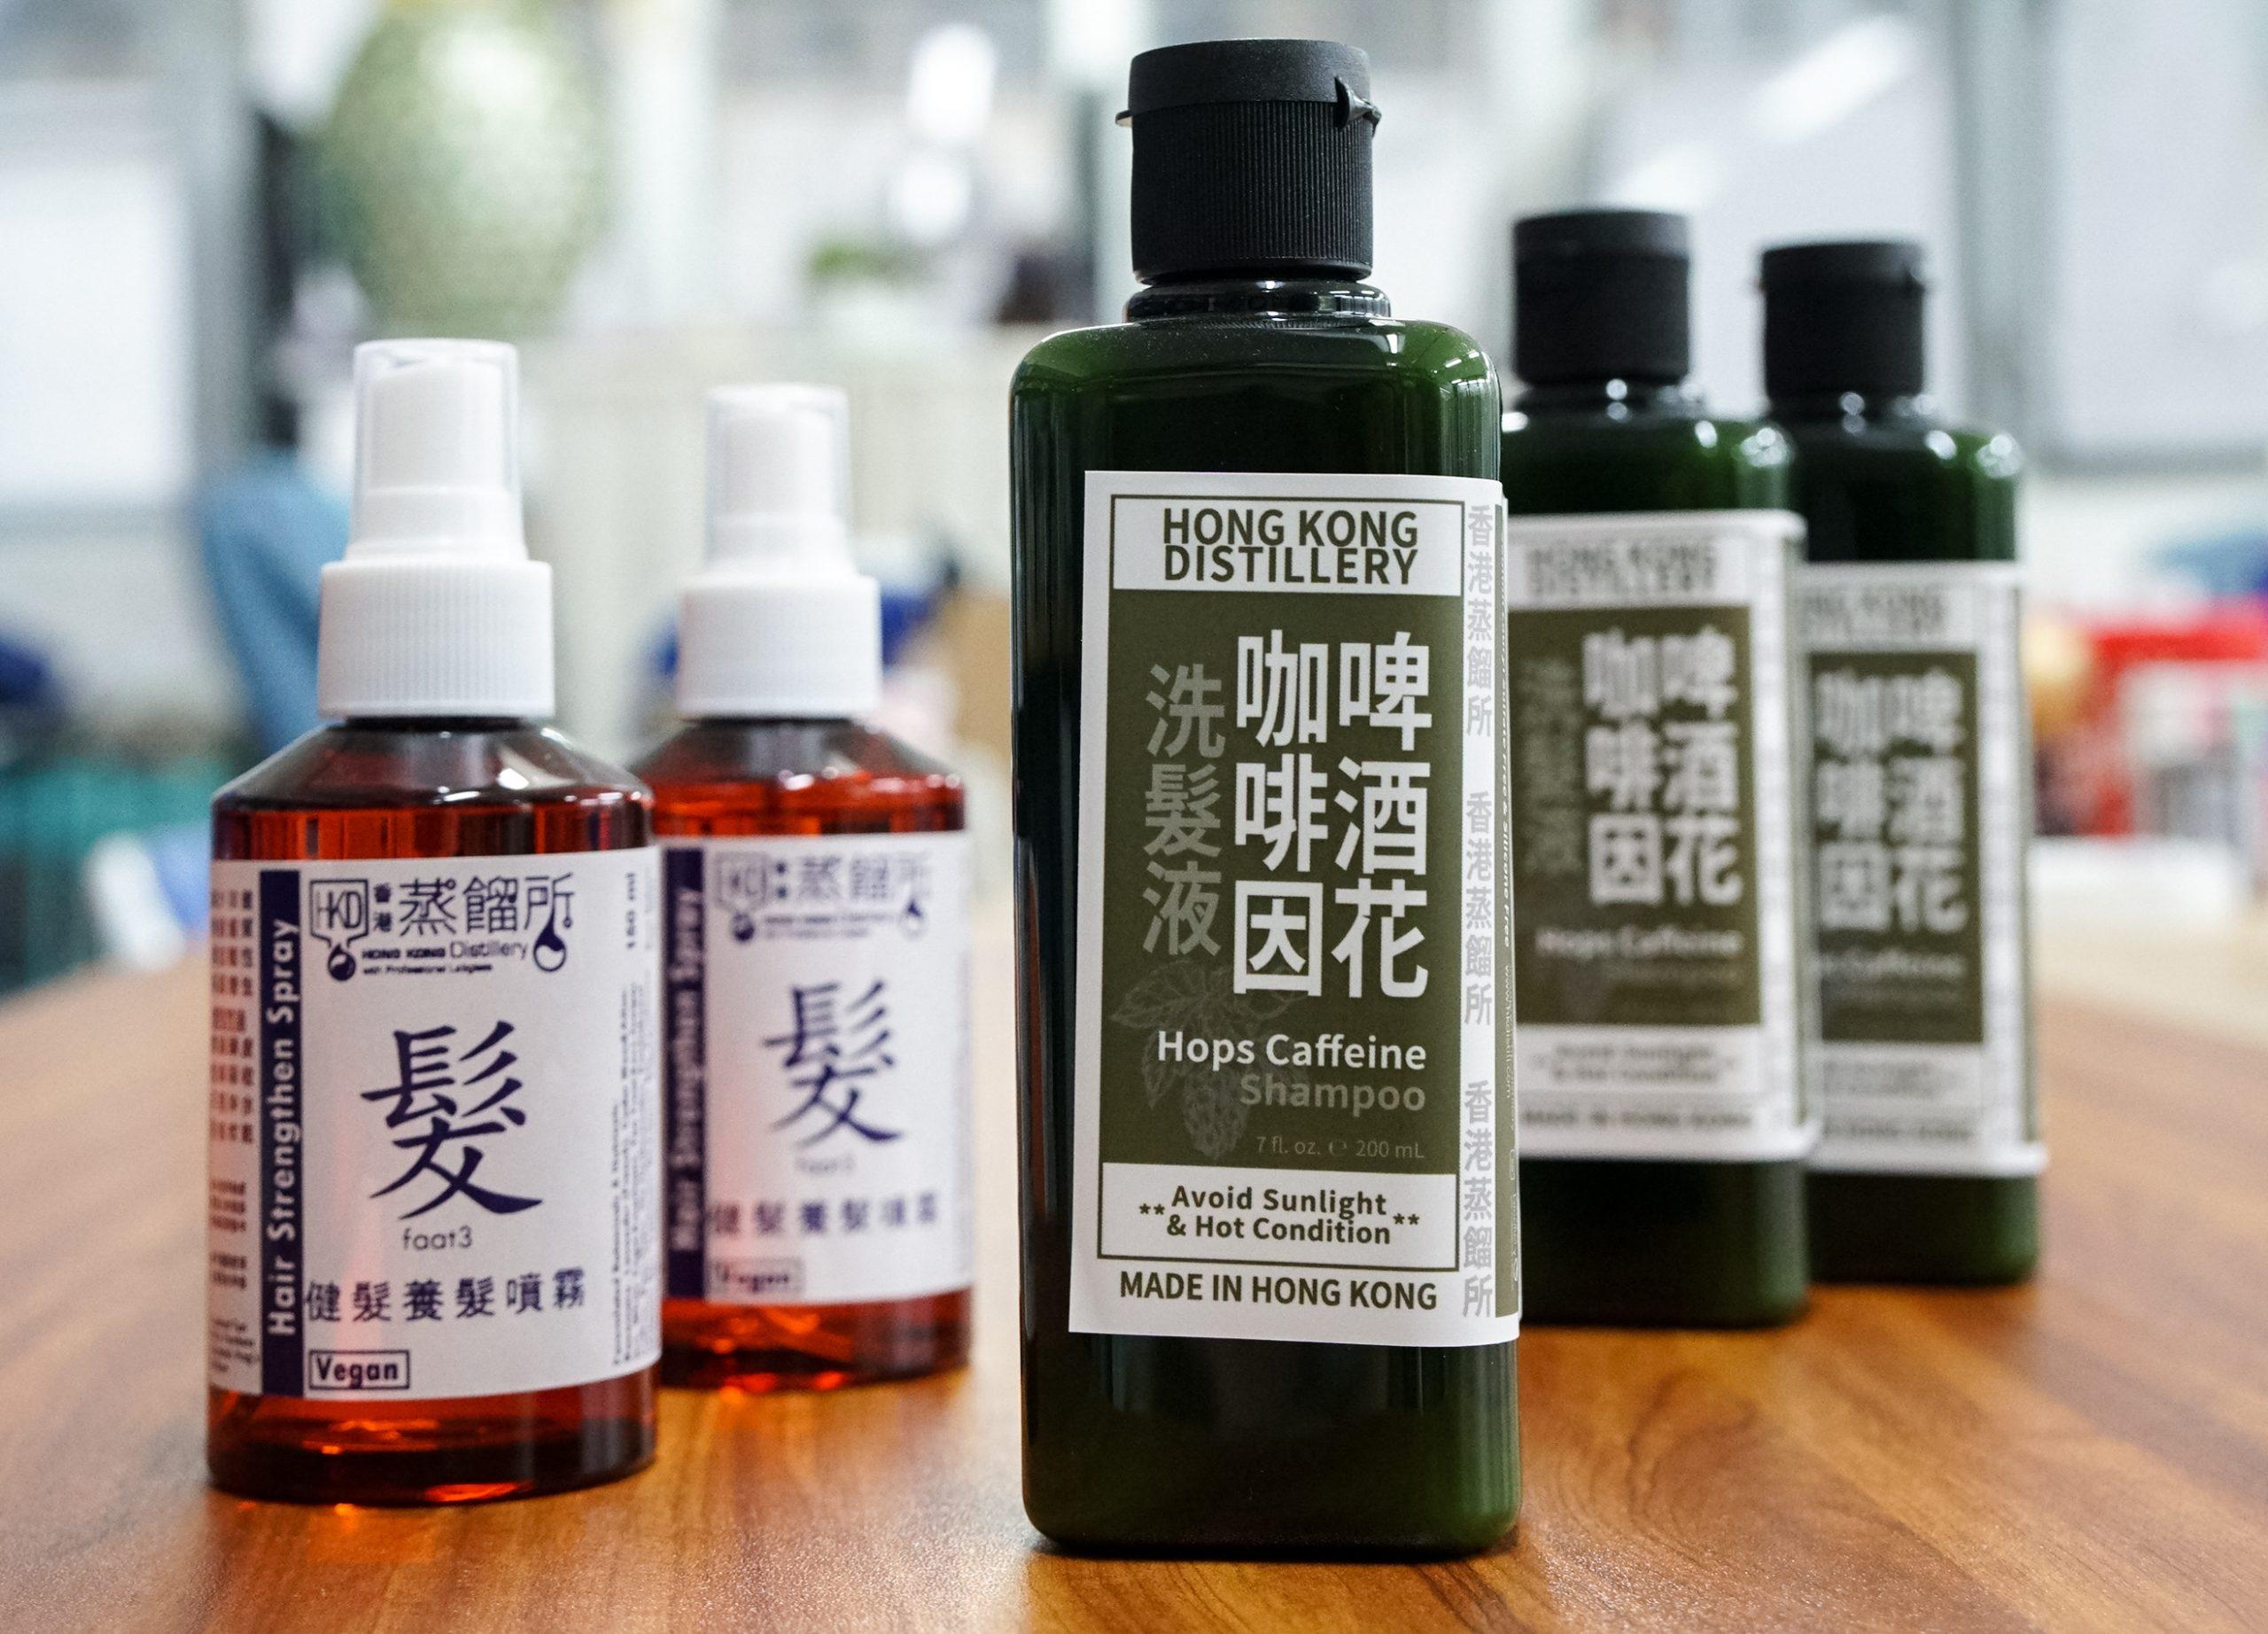 香港蒸餾所健髮養髮純露噴霧及啤酒花咖啡因洗髮液